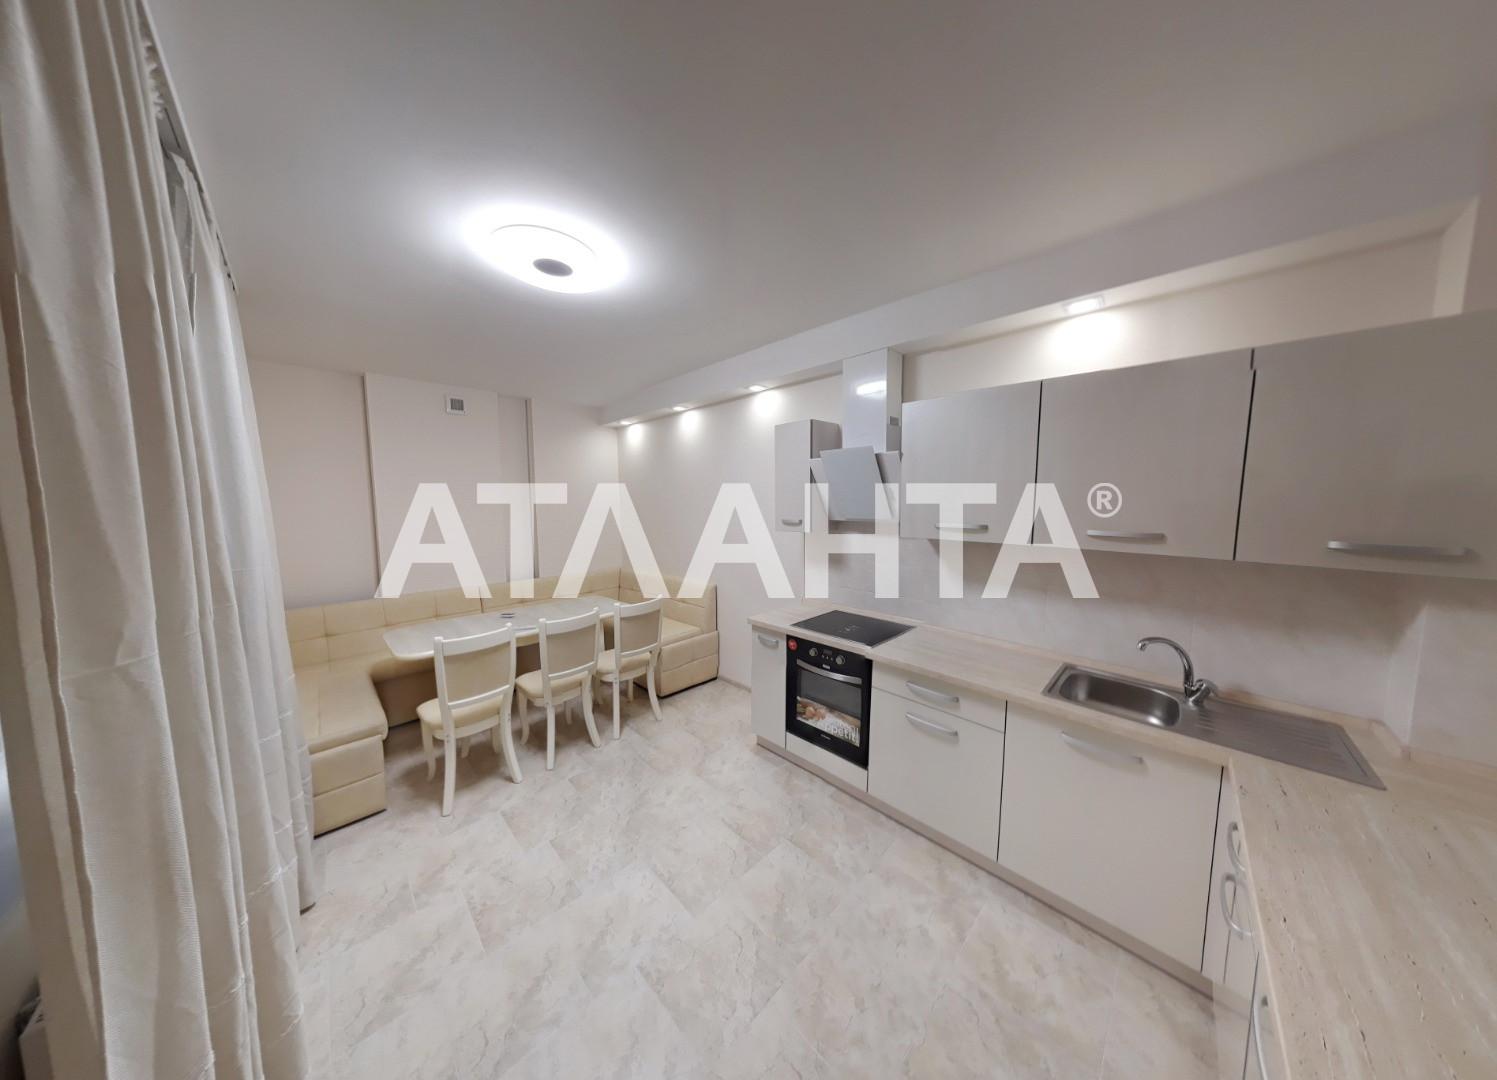 Продается 2-комнатная Квартира на ул. Академика Вильямса — 127 000 у.е. (фото №2)